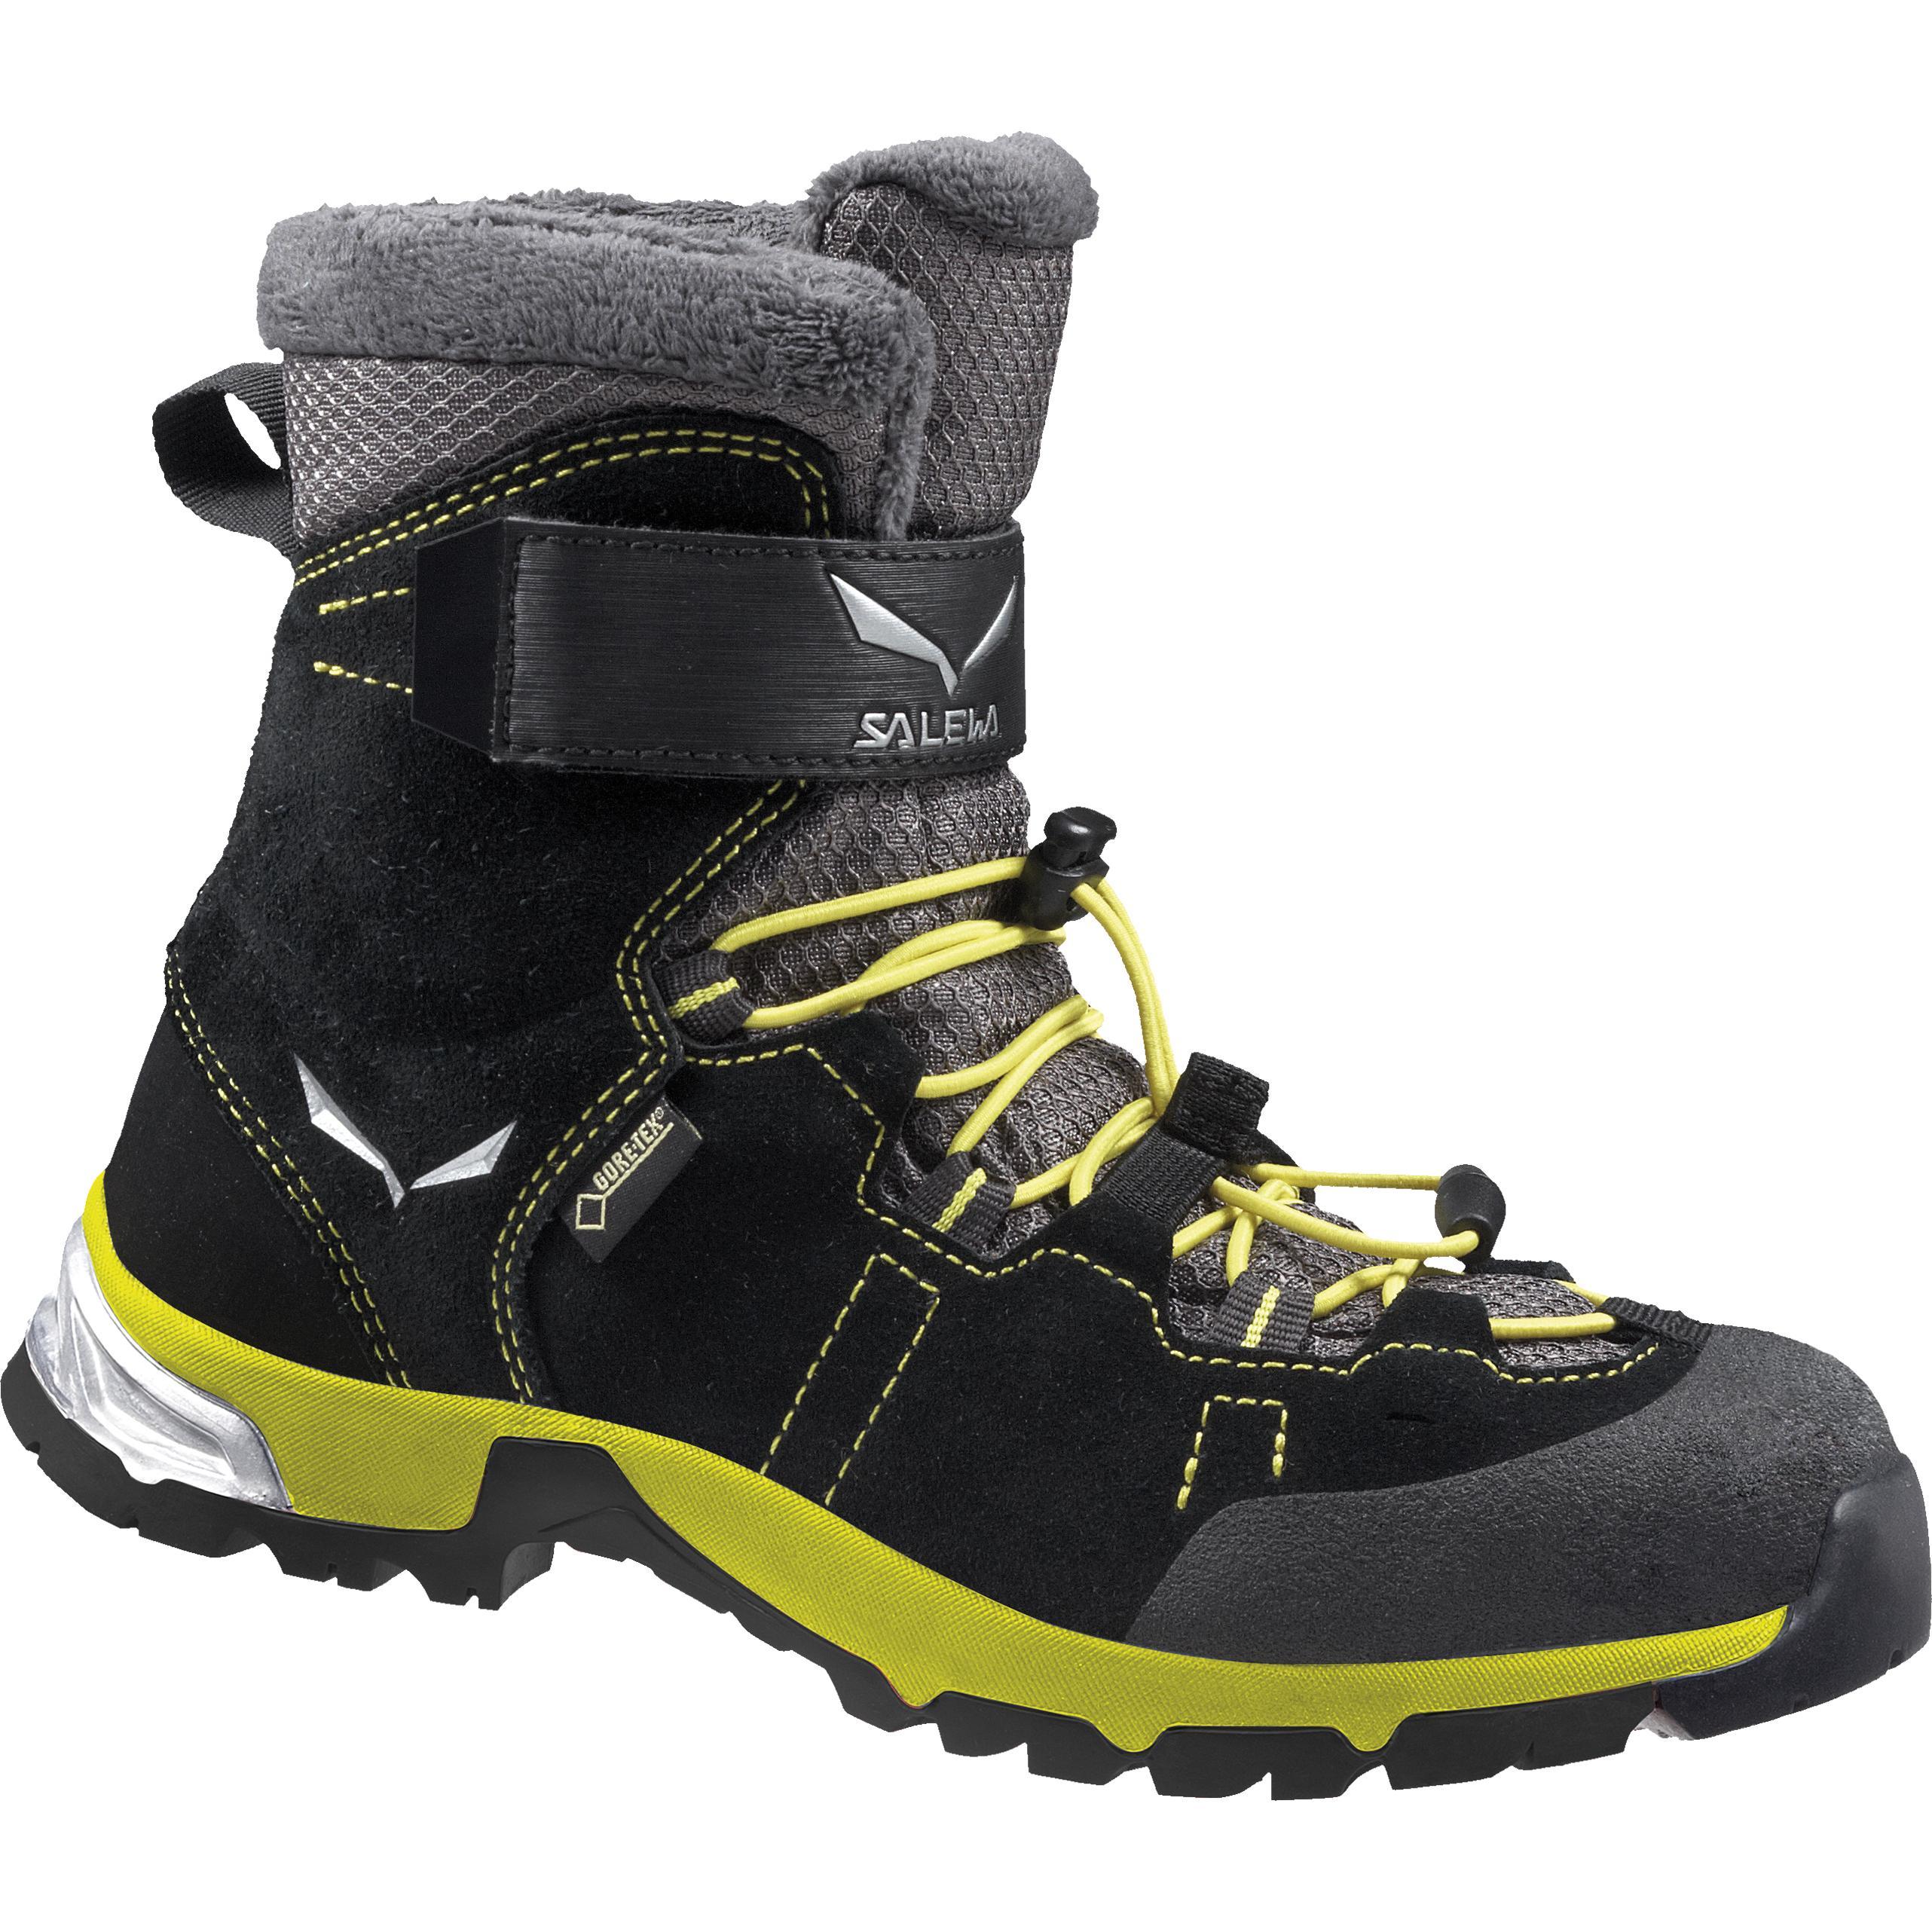 Купить Ботинки городские (высокие) Salewa 2017-18 JR SNOWCAP GTX Black/Yellow Зимняя обувь 1205785